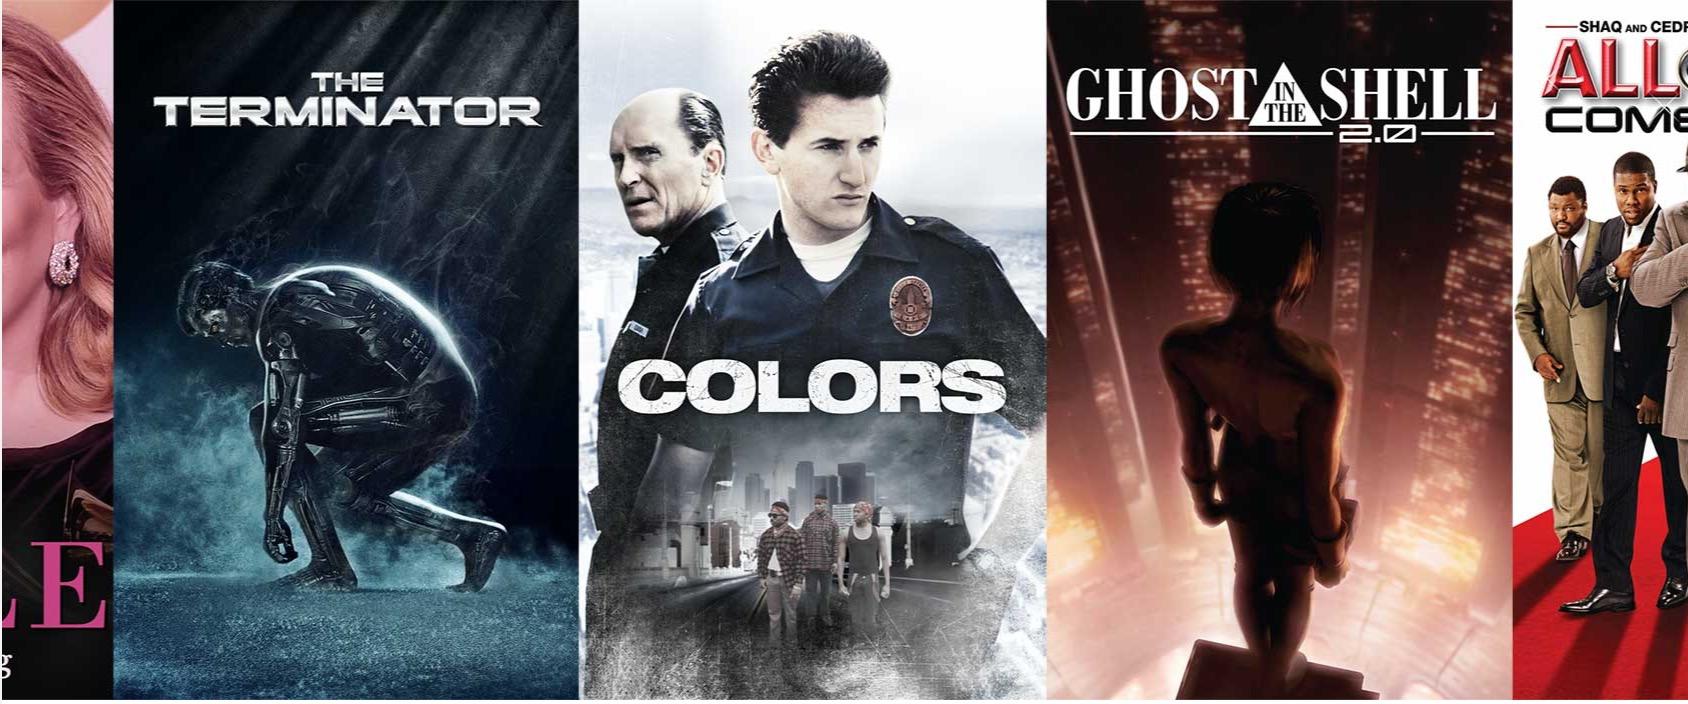 Plex passa a disponibilizar filmes e séries de TV gratuitamente